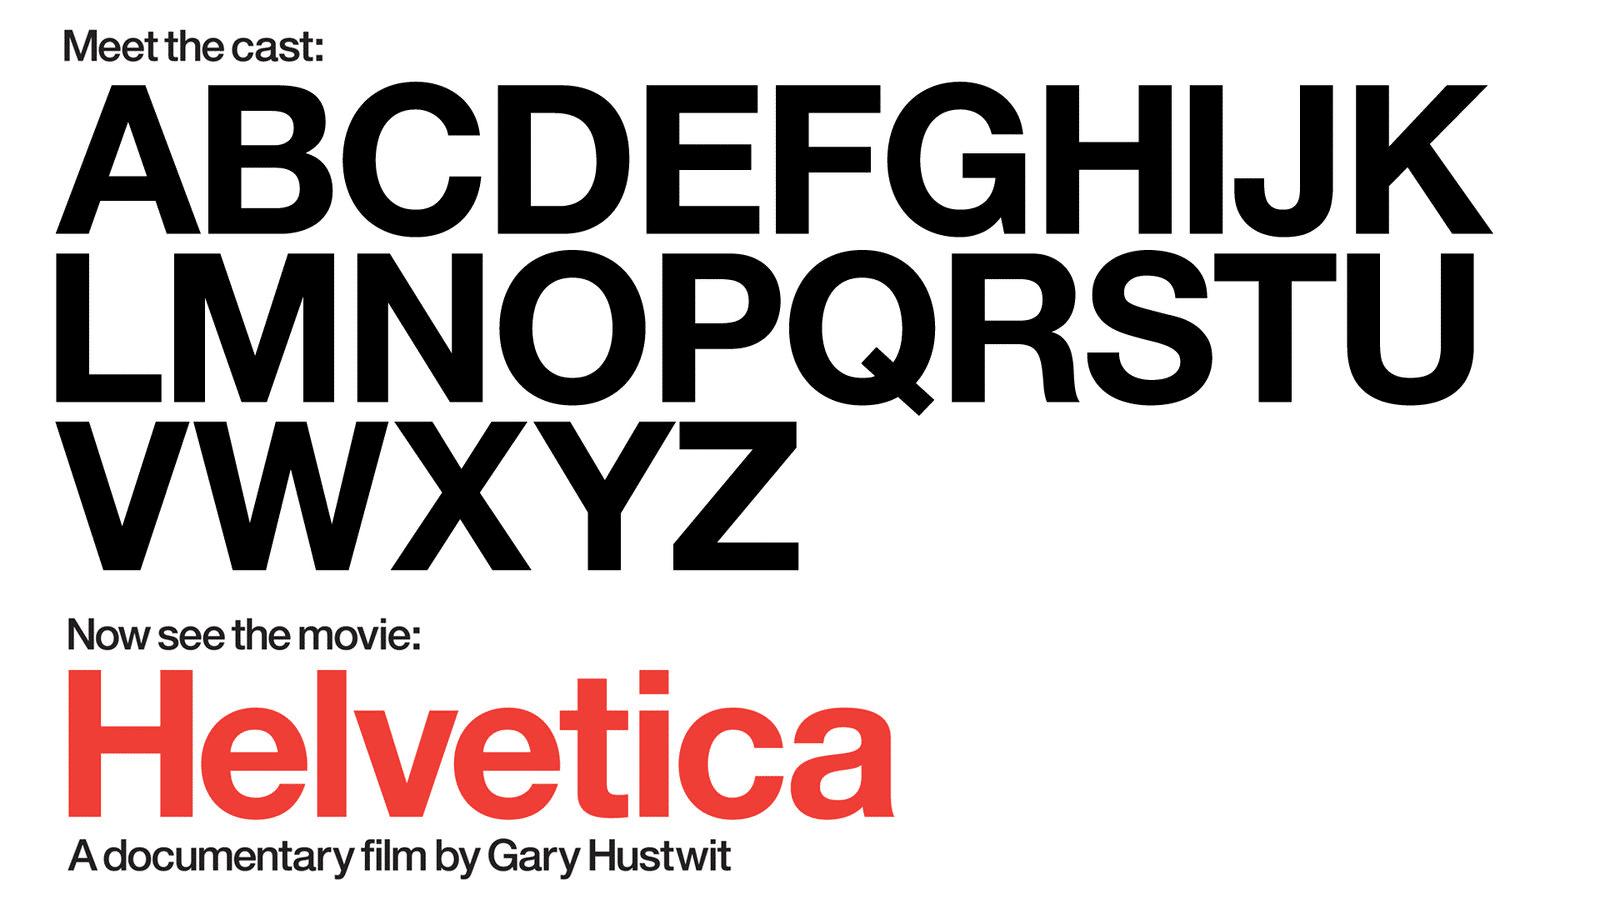 Dokumentation über die Schriftart Helvetica